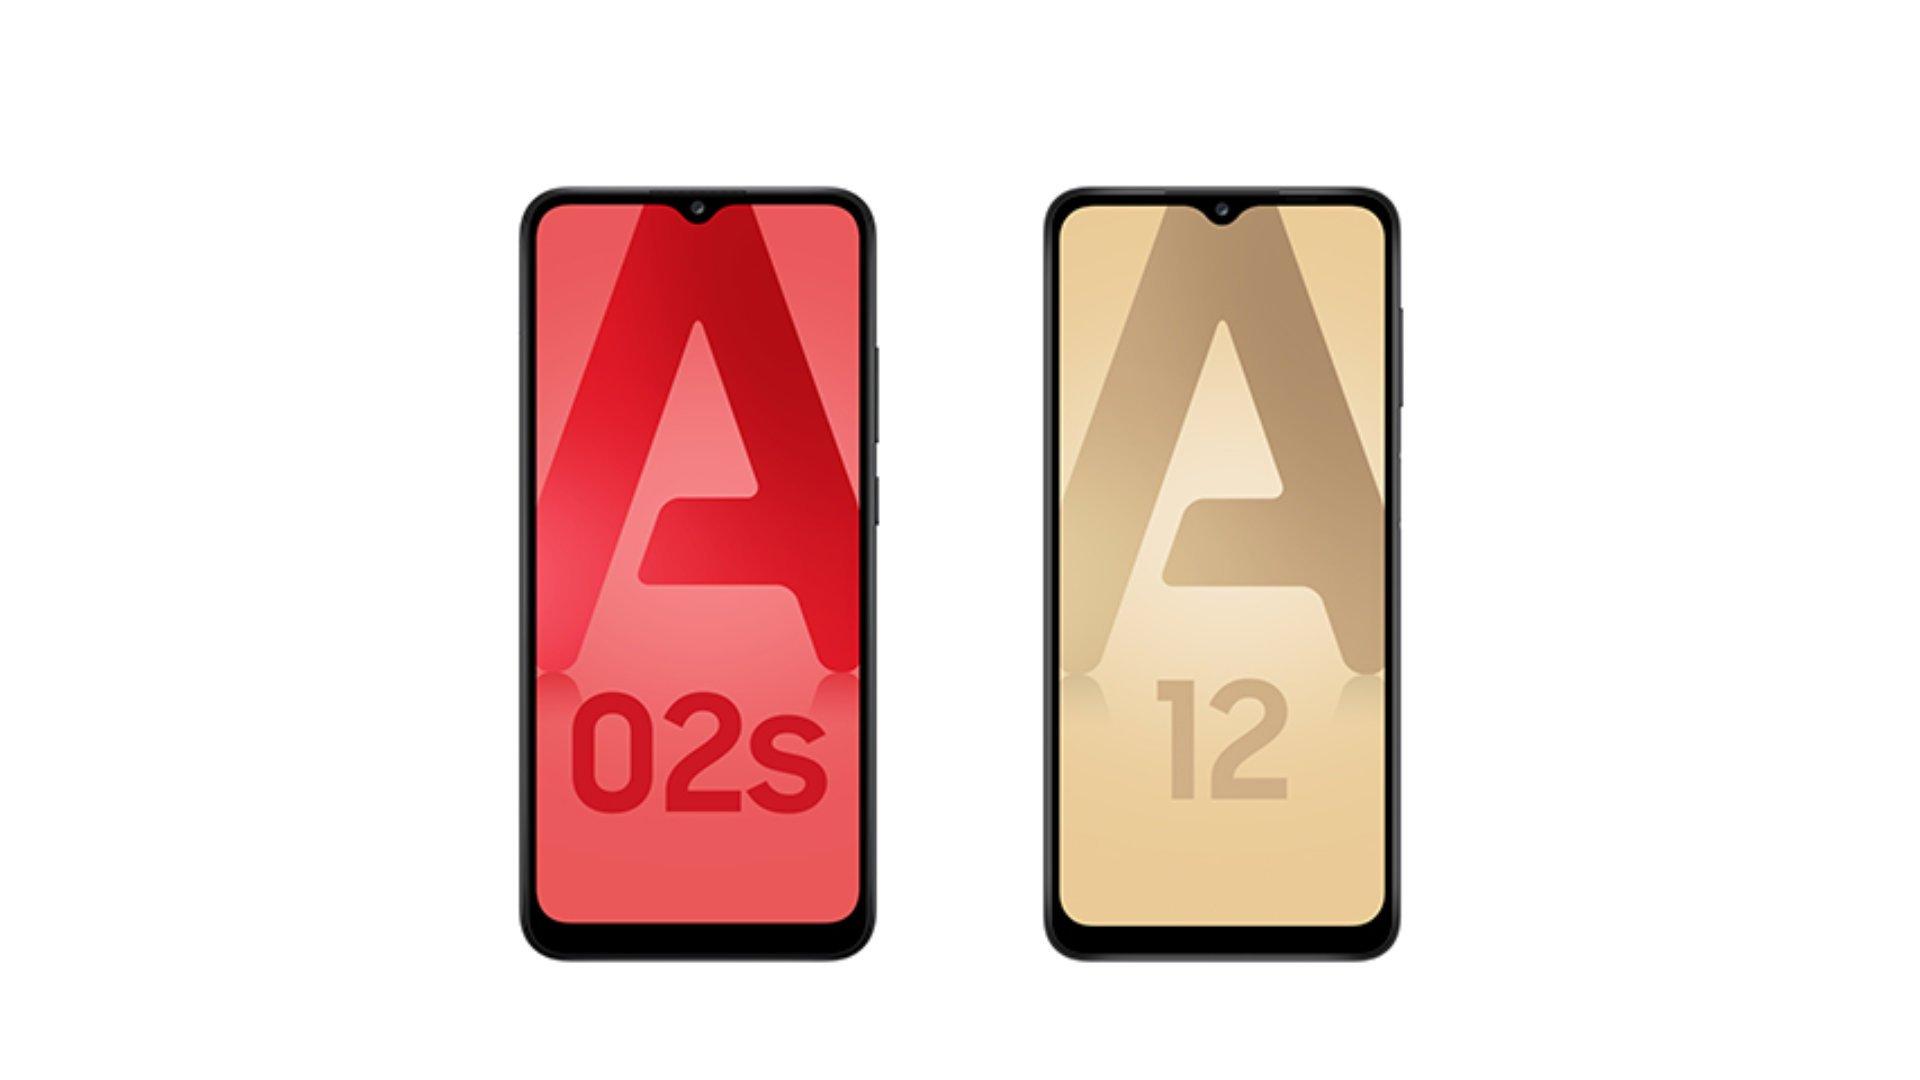 galaxy-a12-A02s-samsung-entree-de-gamme-smartphones